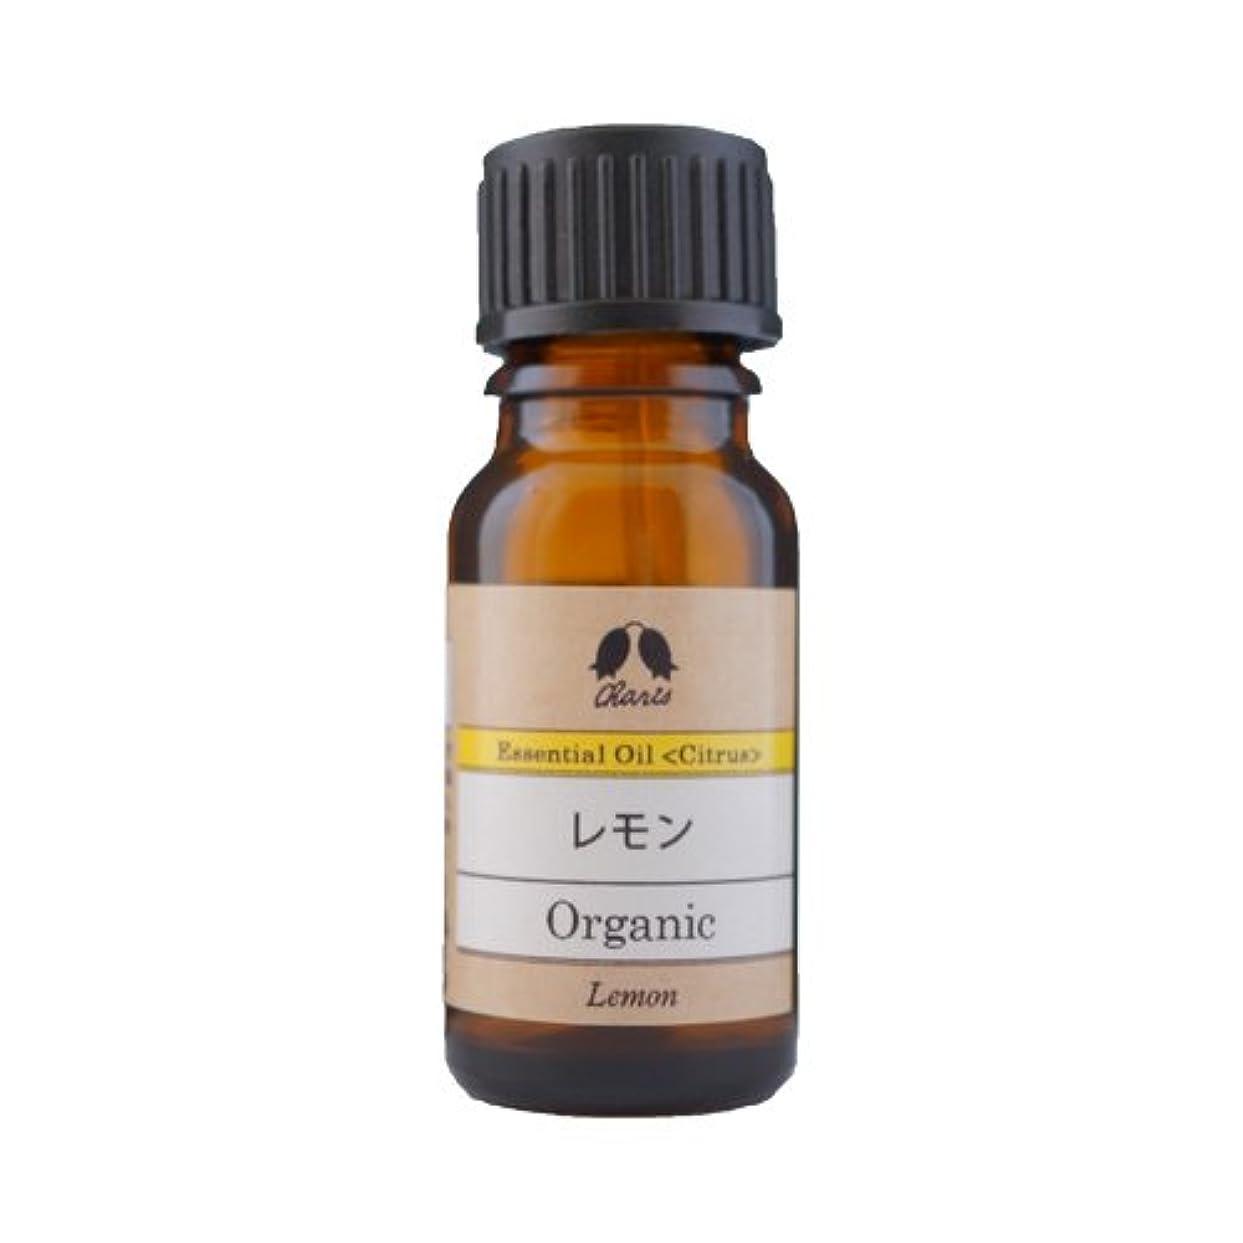 くびれた重さミルクカリス レモン オーガニック オイル 10ml